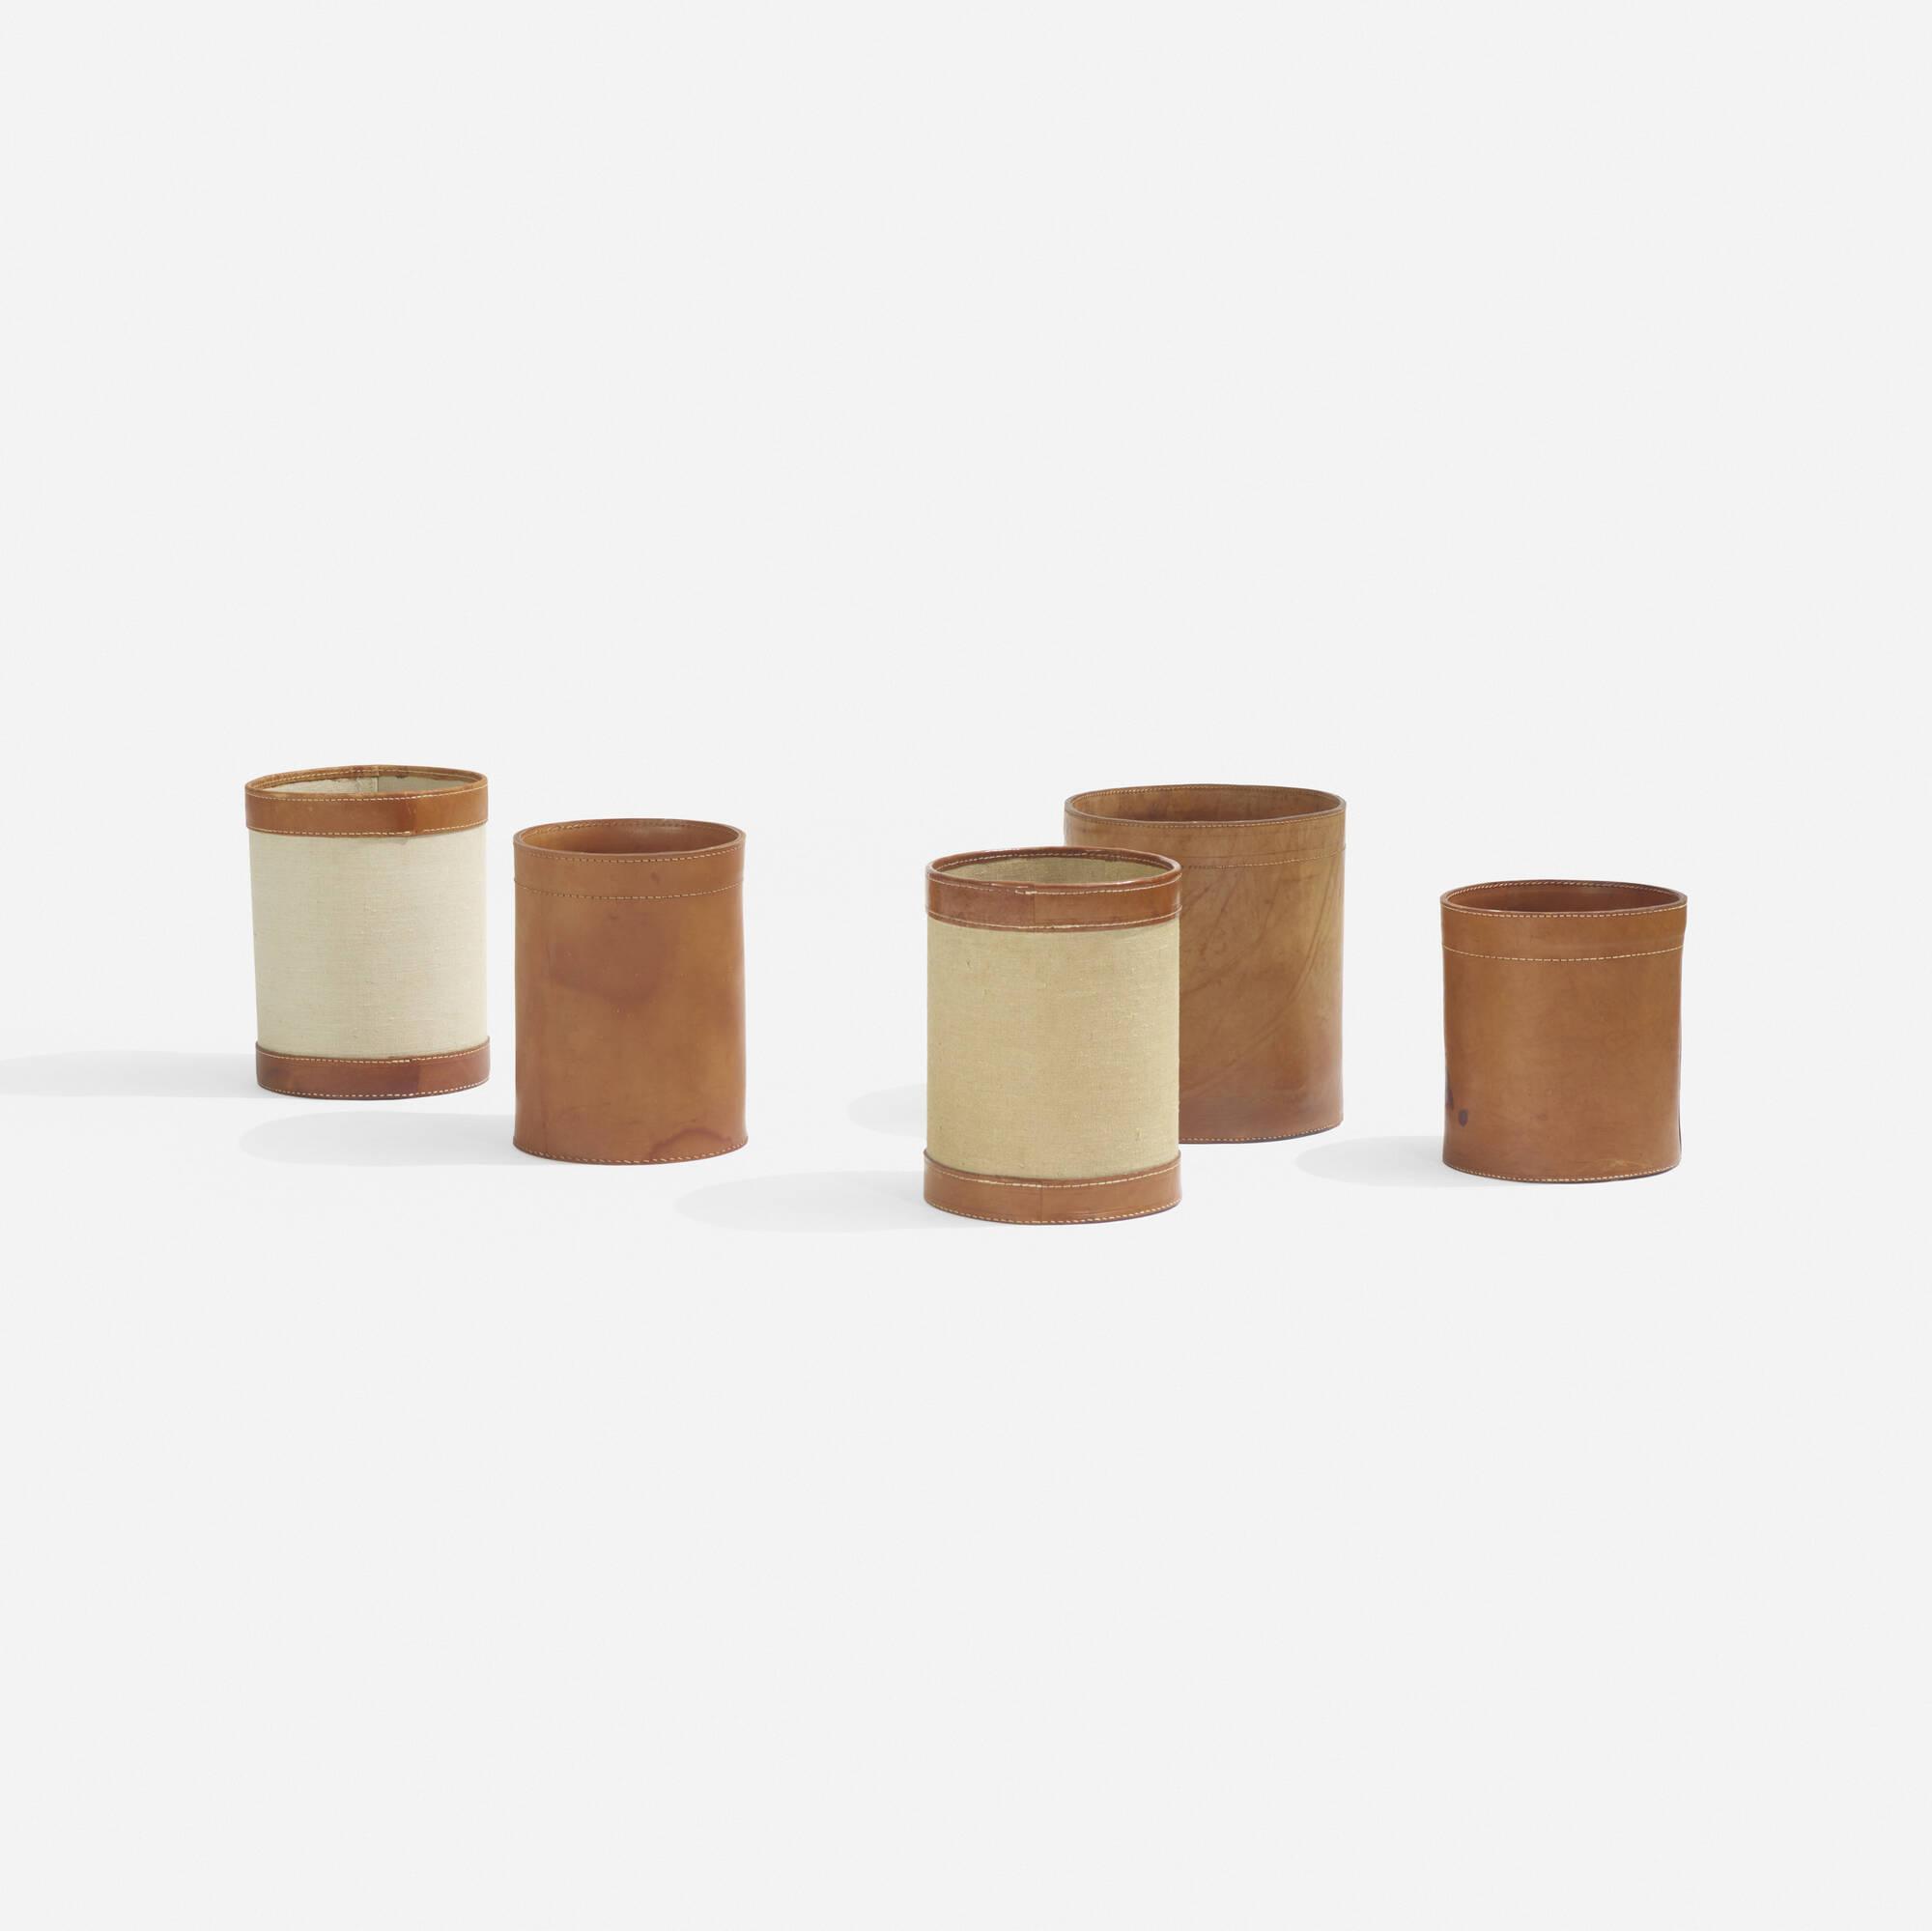 149: Den Permanente / wastepaper baskets, set of five (1 of 2)